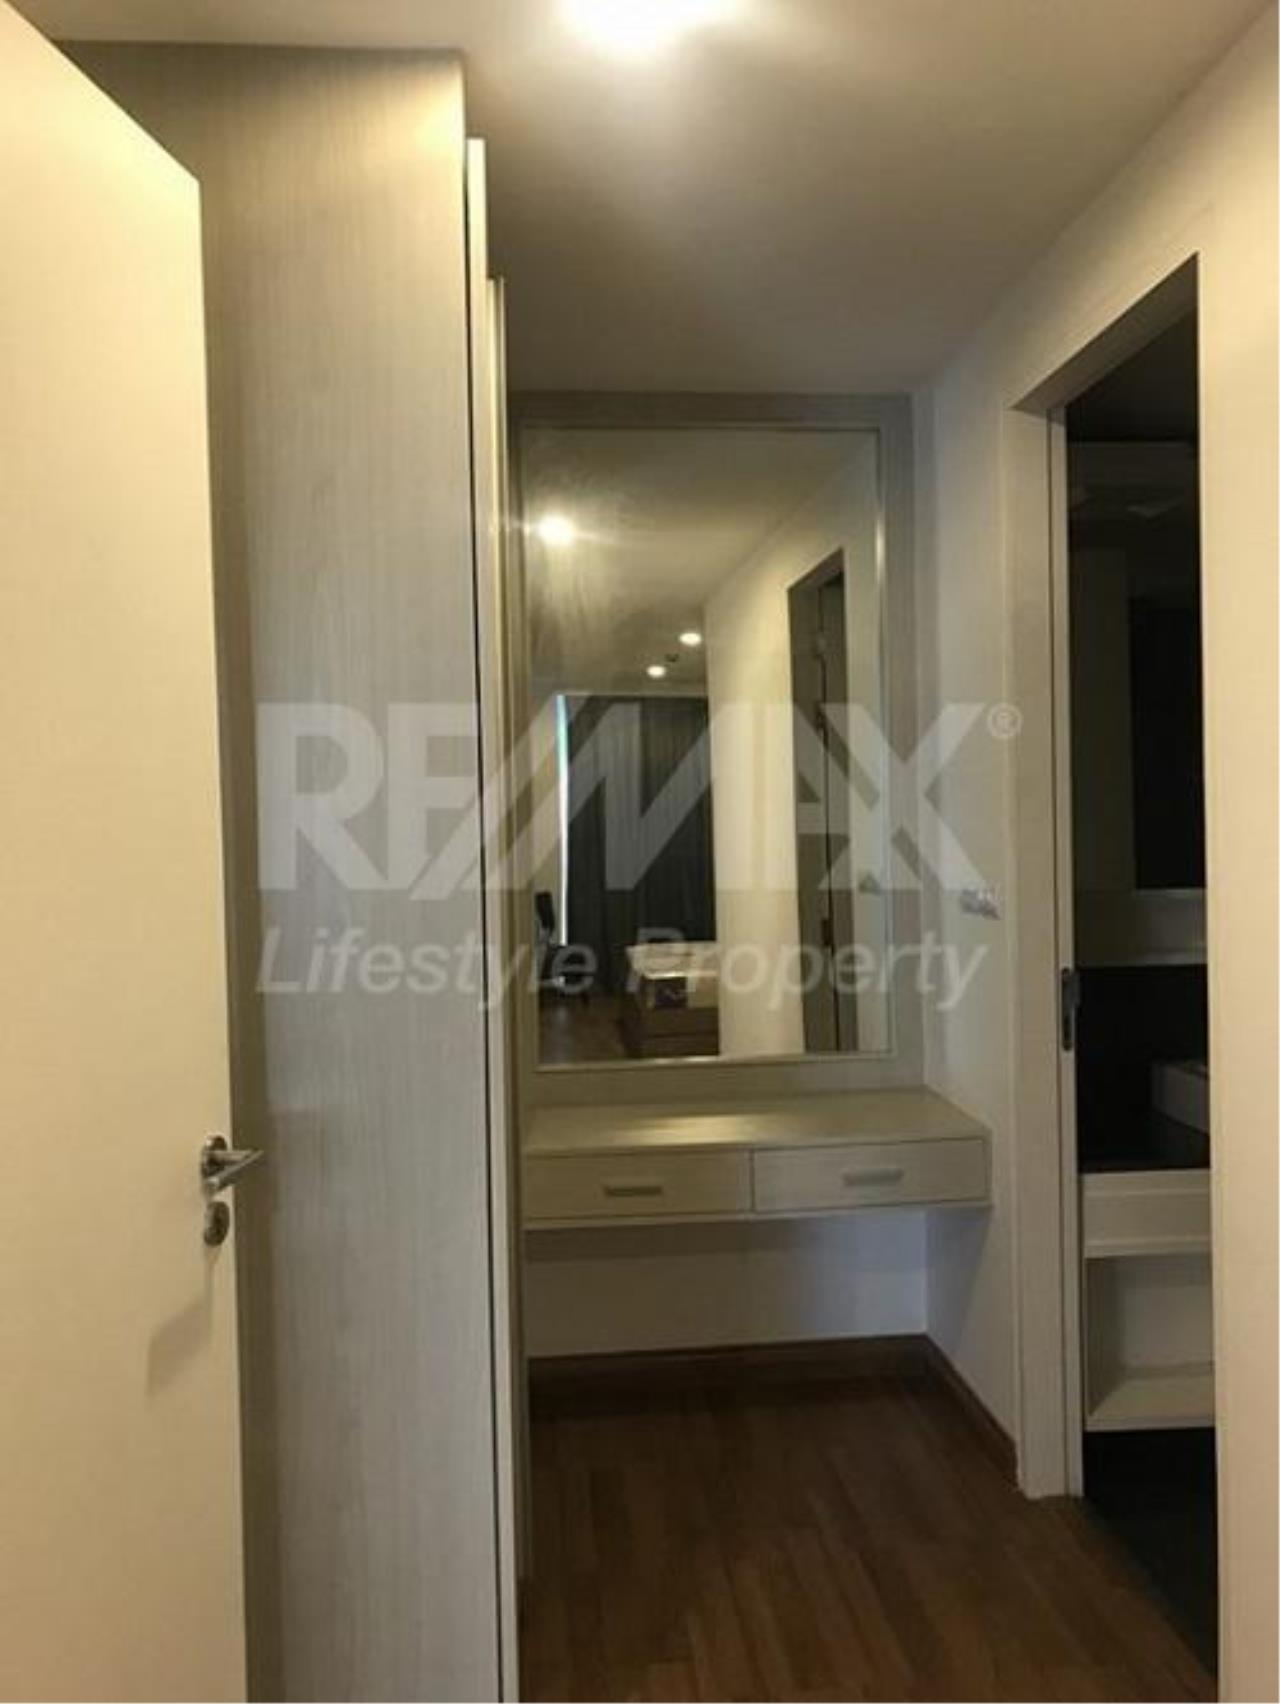 RE/MAX LifeStyle Property Agency's Voque Sukhumvit 31 7